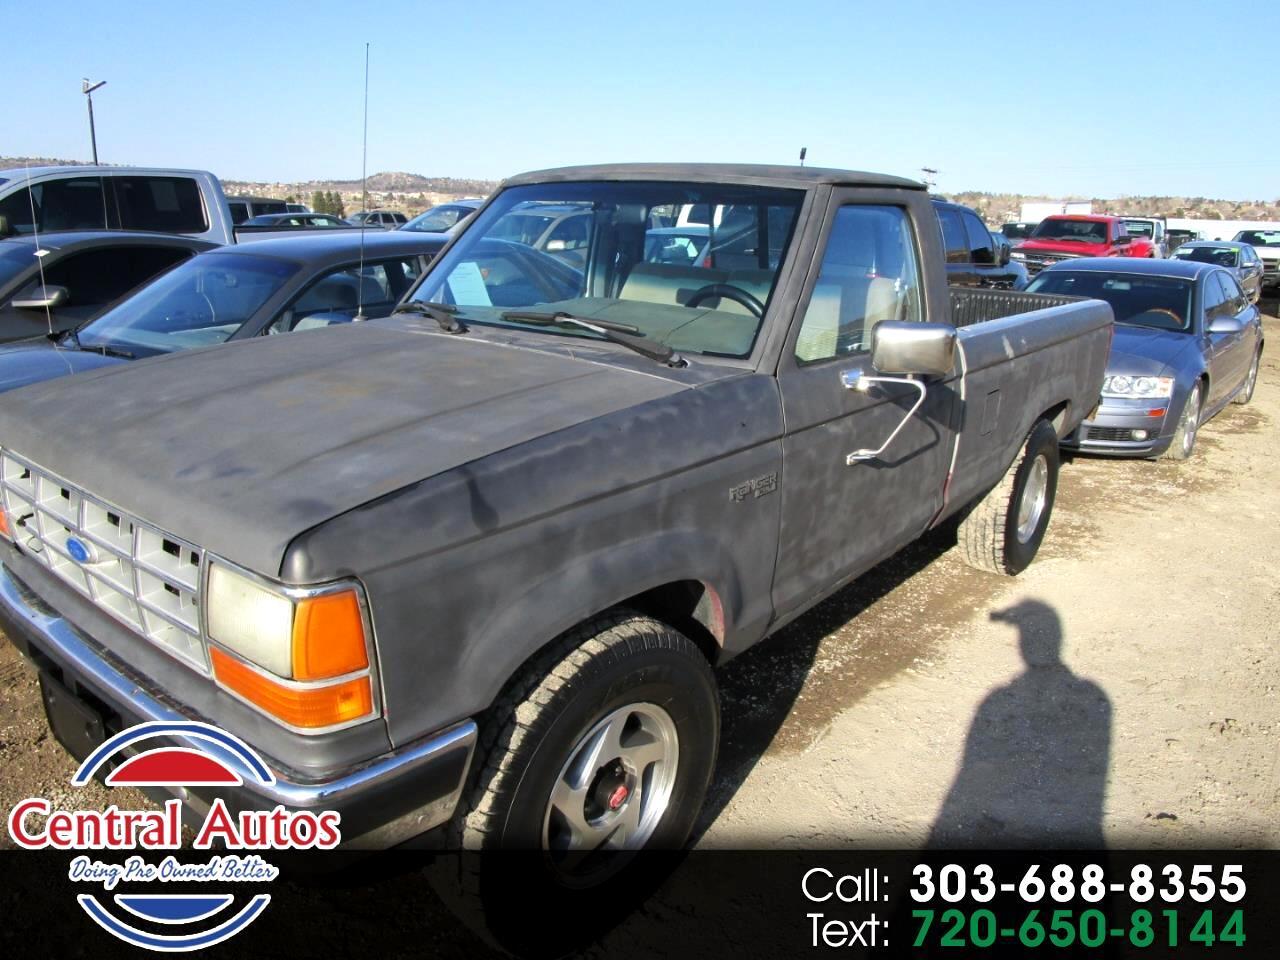 1989 Ford Ranger Styleside 108